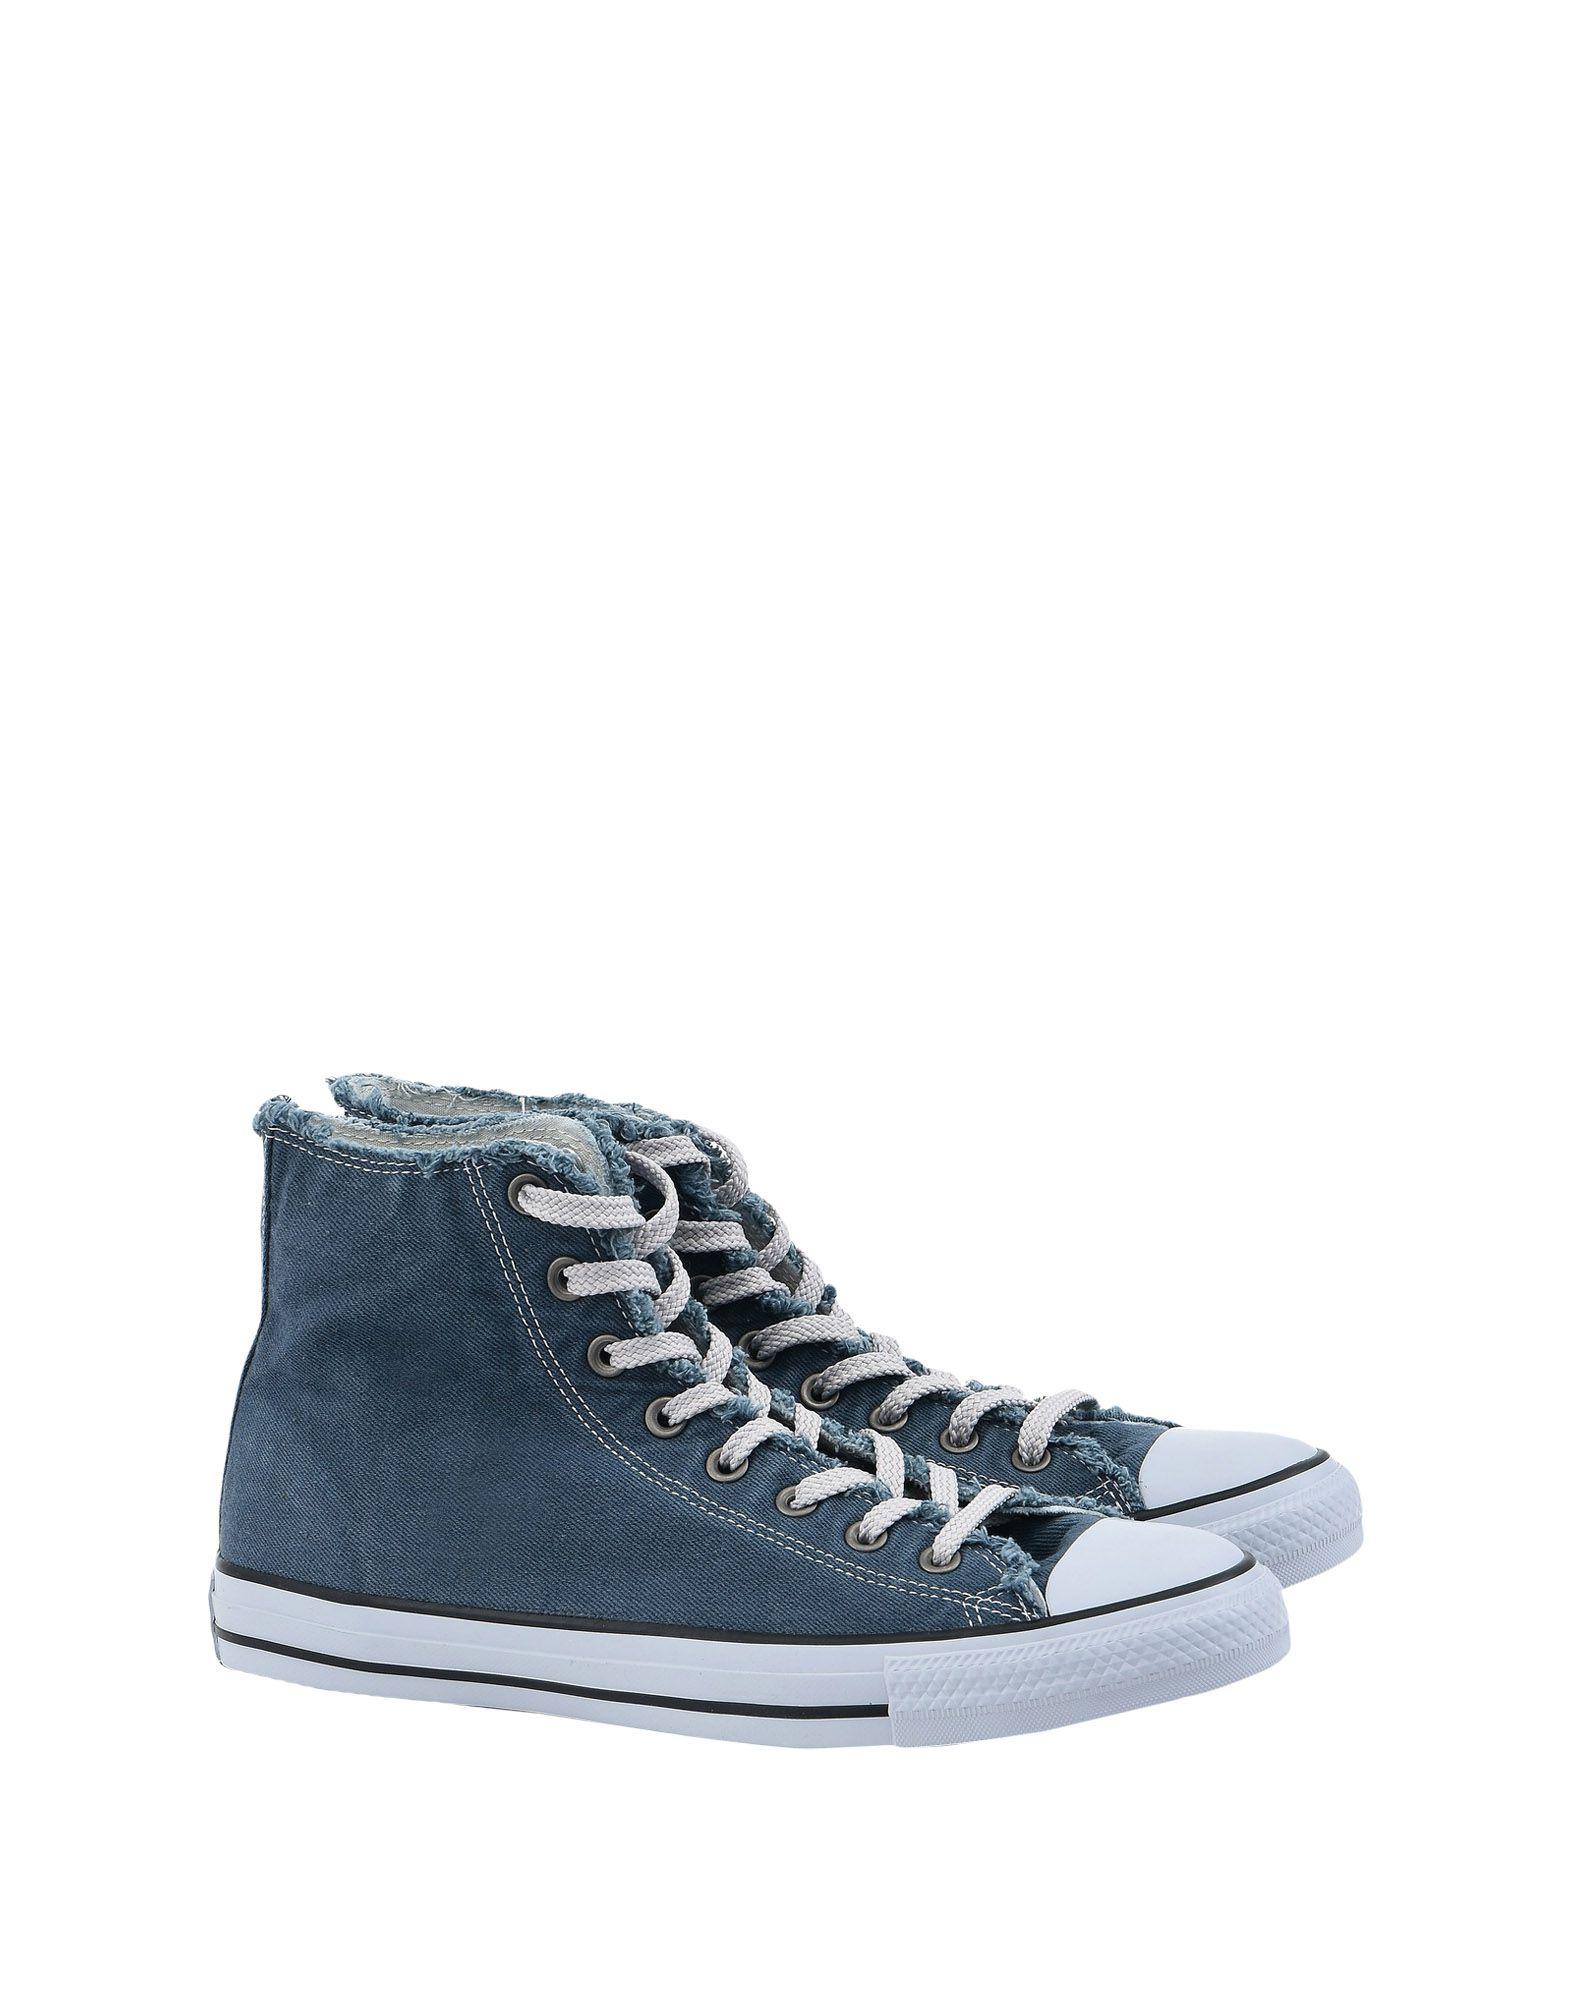 Sneakers Converse All Star Ctas Hi Denim Frayed Washed - Femme - Sneakers Converse All Star sur